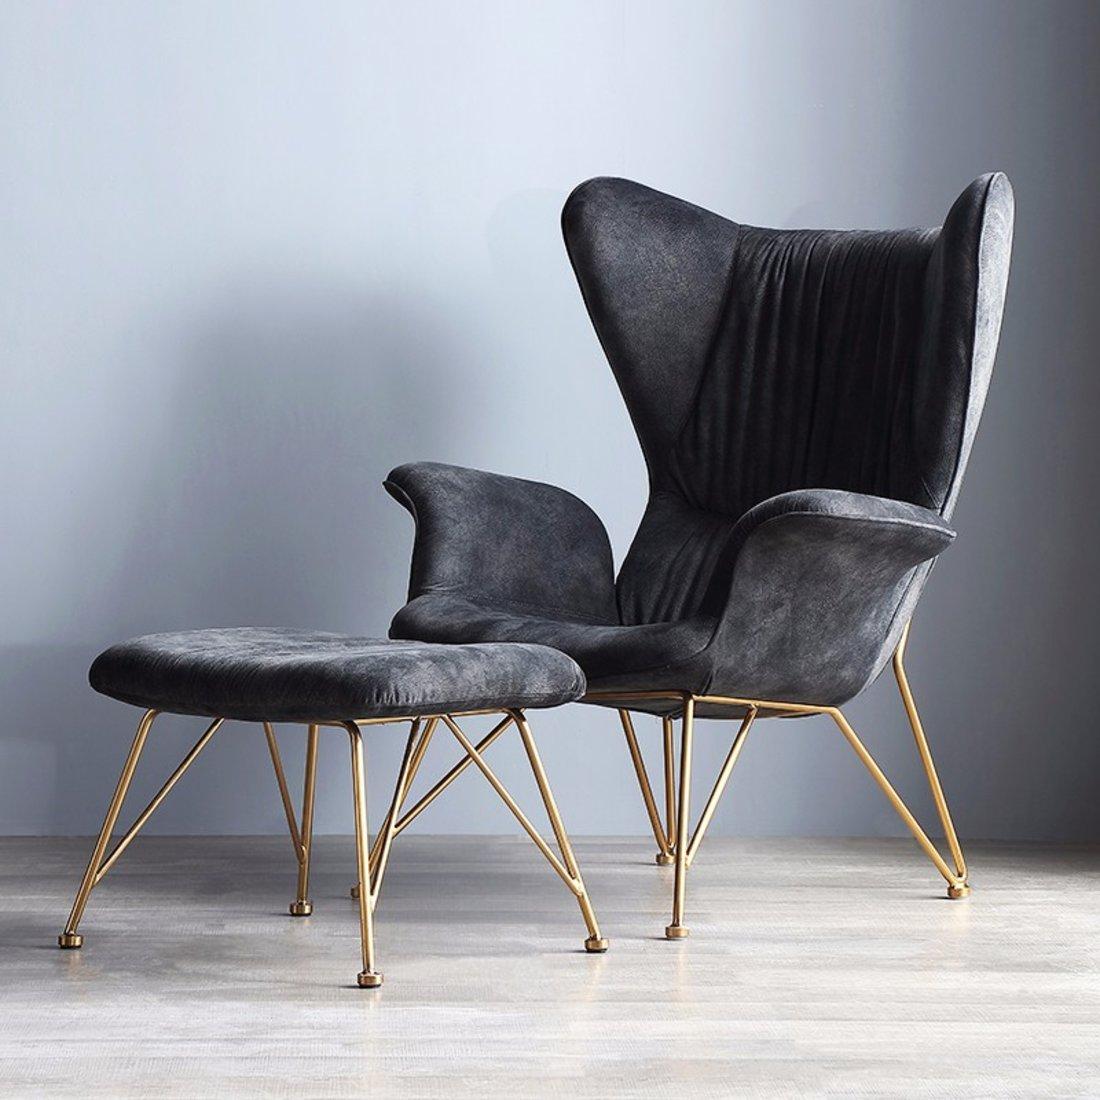 「铁艺沙发」创意沙发椅